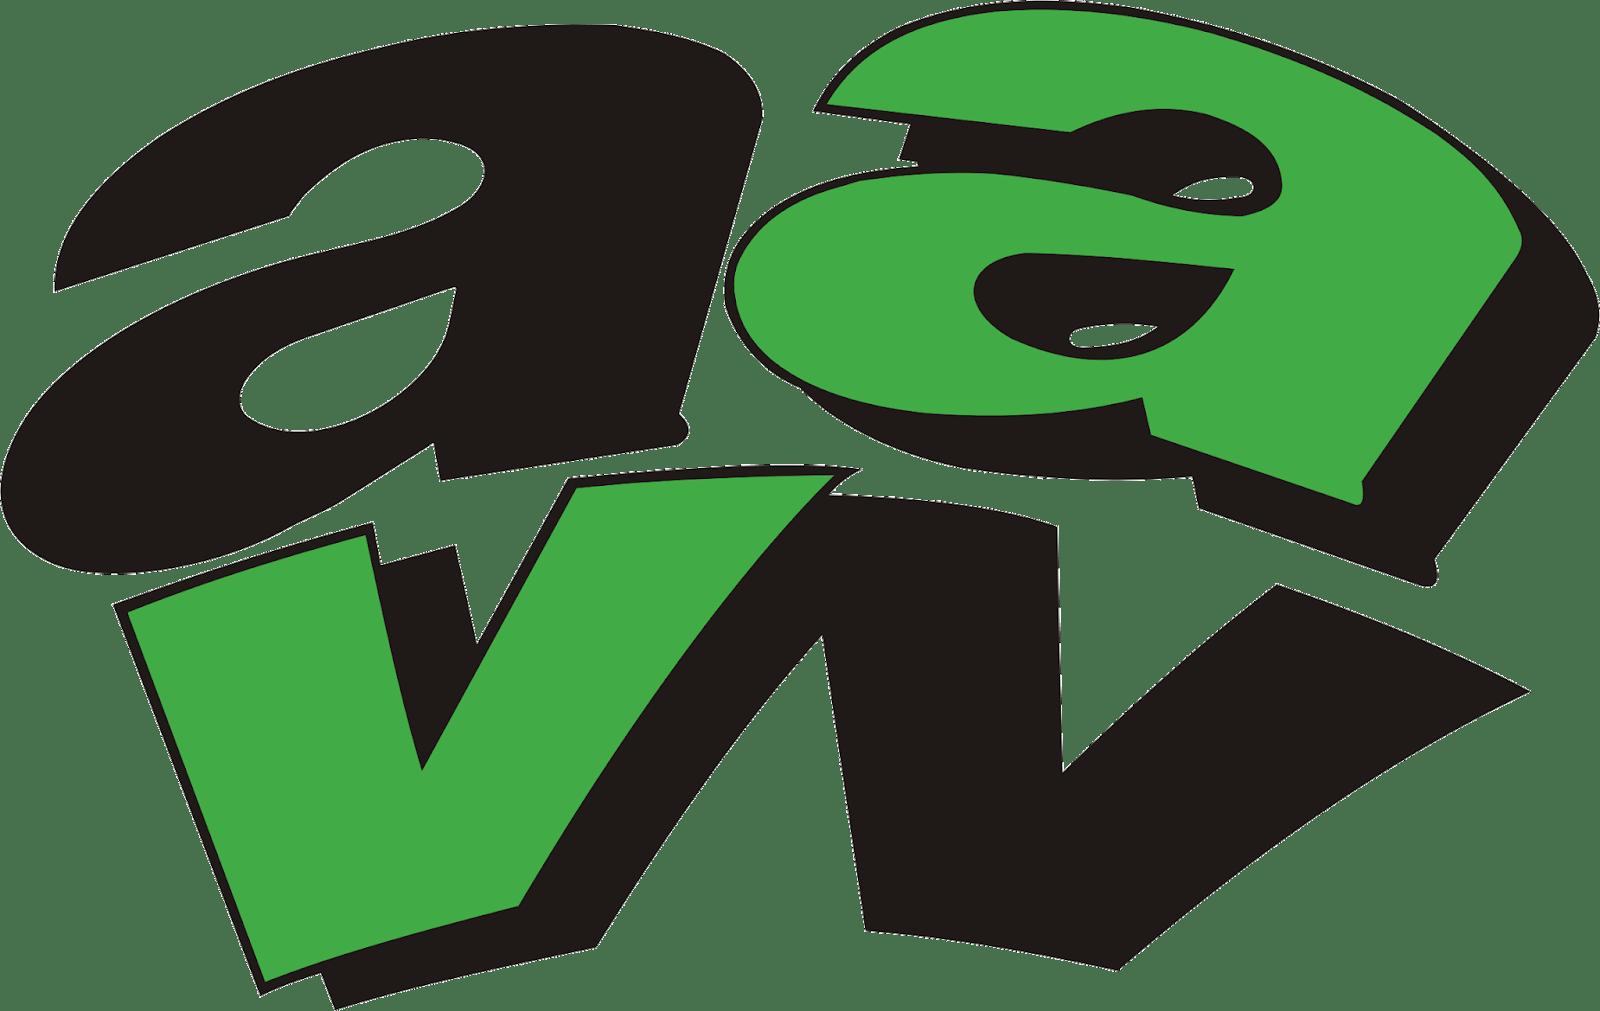 Diversas asociaciones vecinales del municipio deciden conformar una 'Federación de Asociaciones Vecinales'